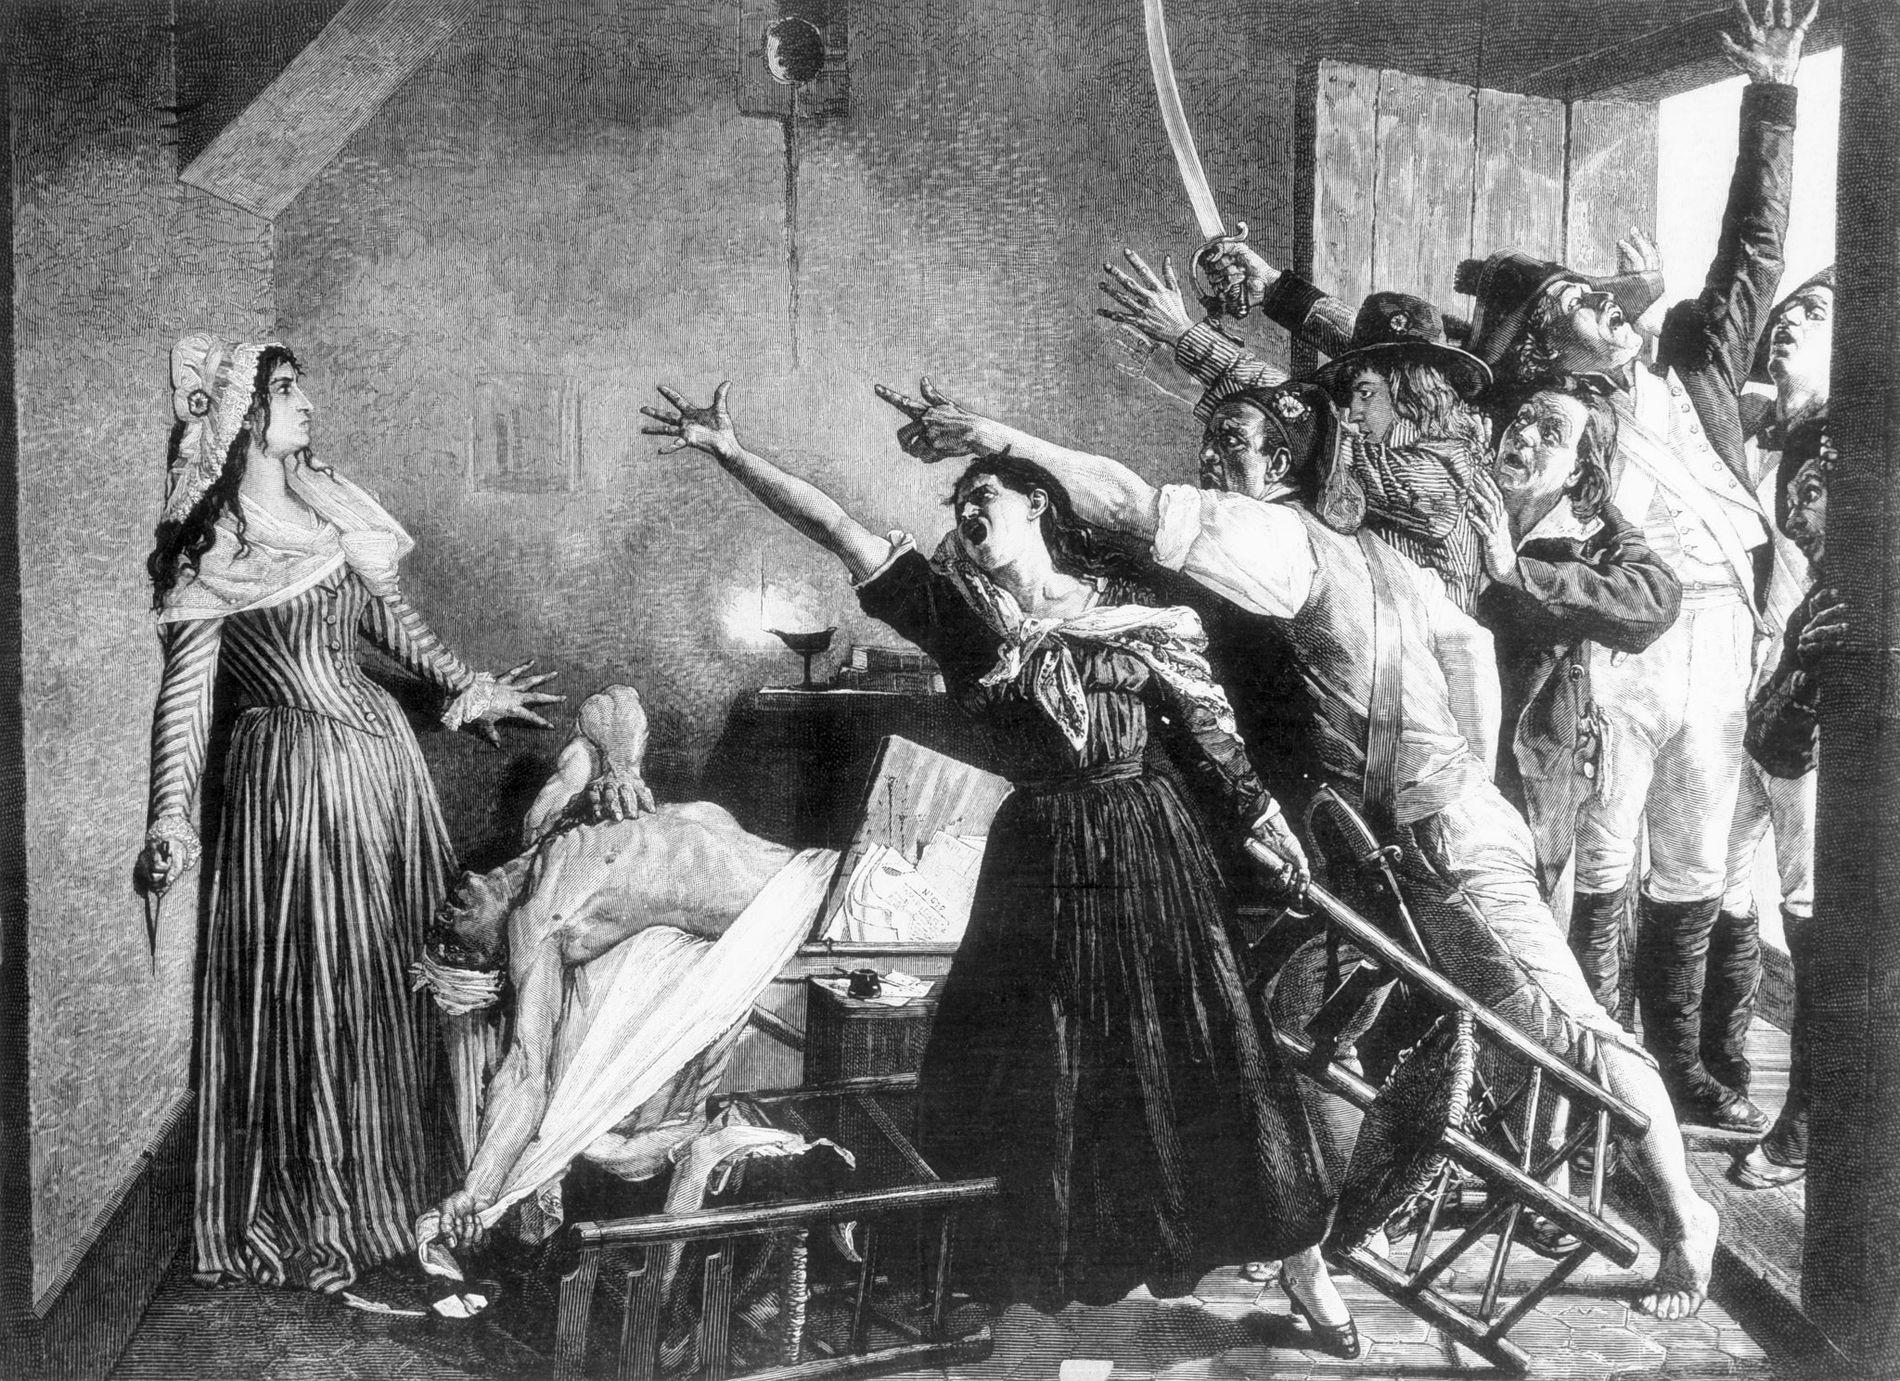 Cette gravure du 19e siècle représente les instants qui ont suivi l'assassinat de Jean-Paul Marat dans ...